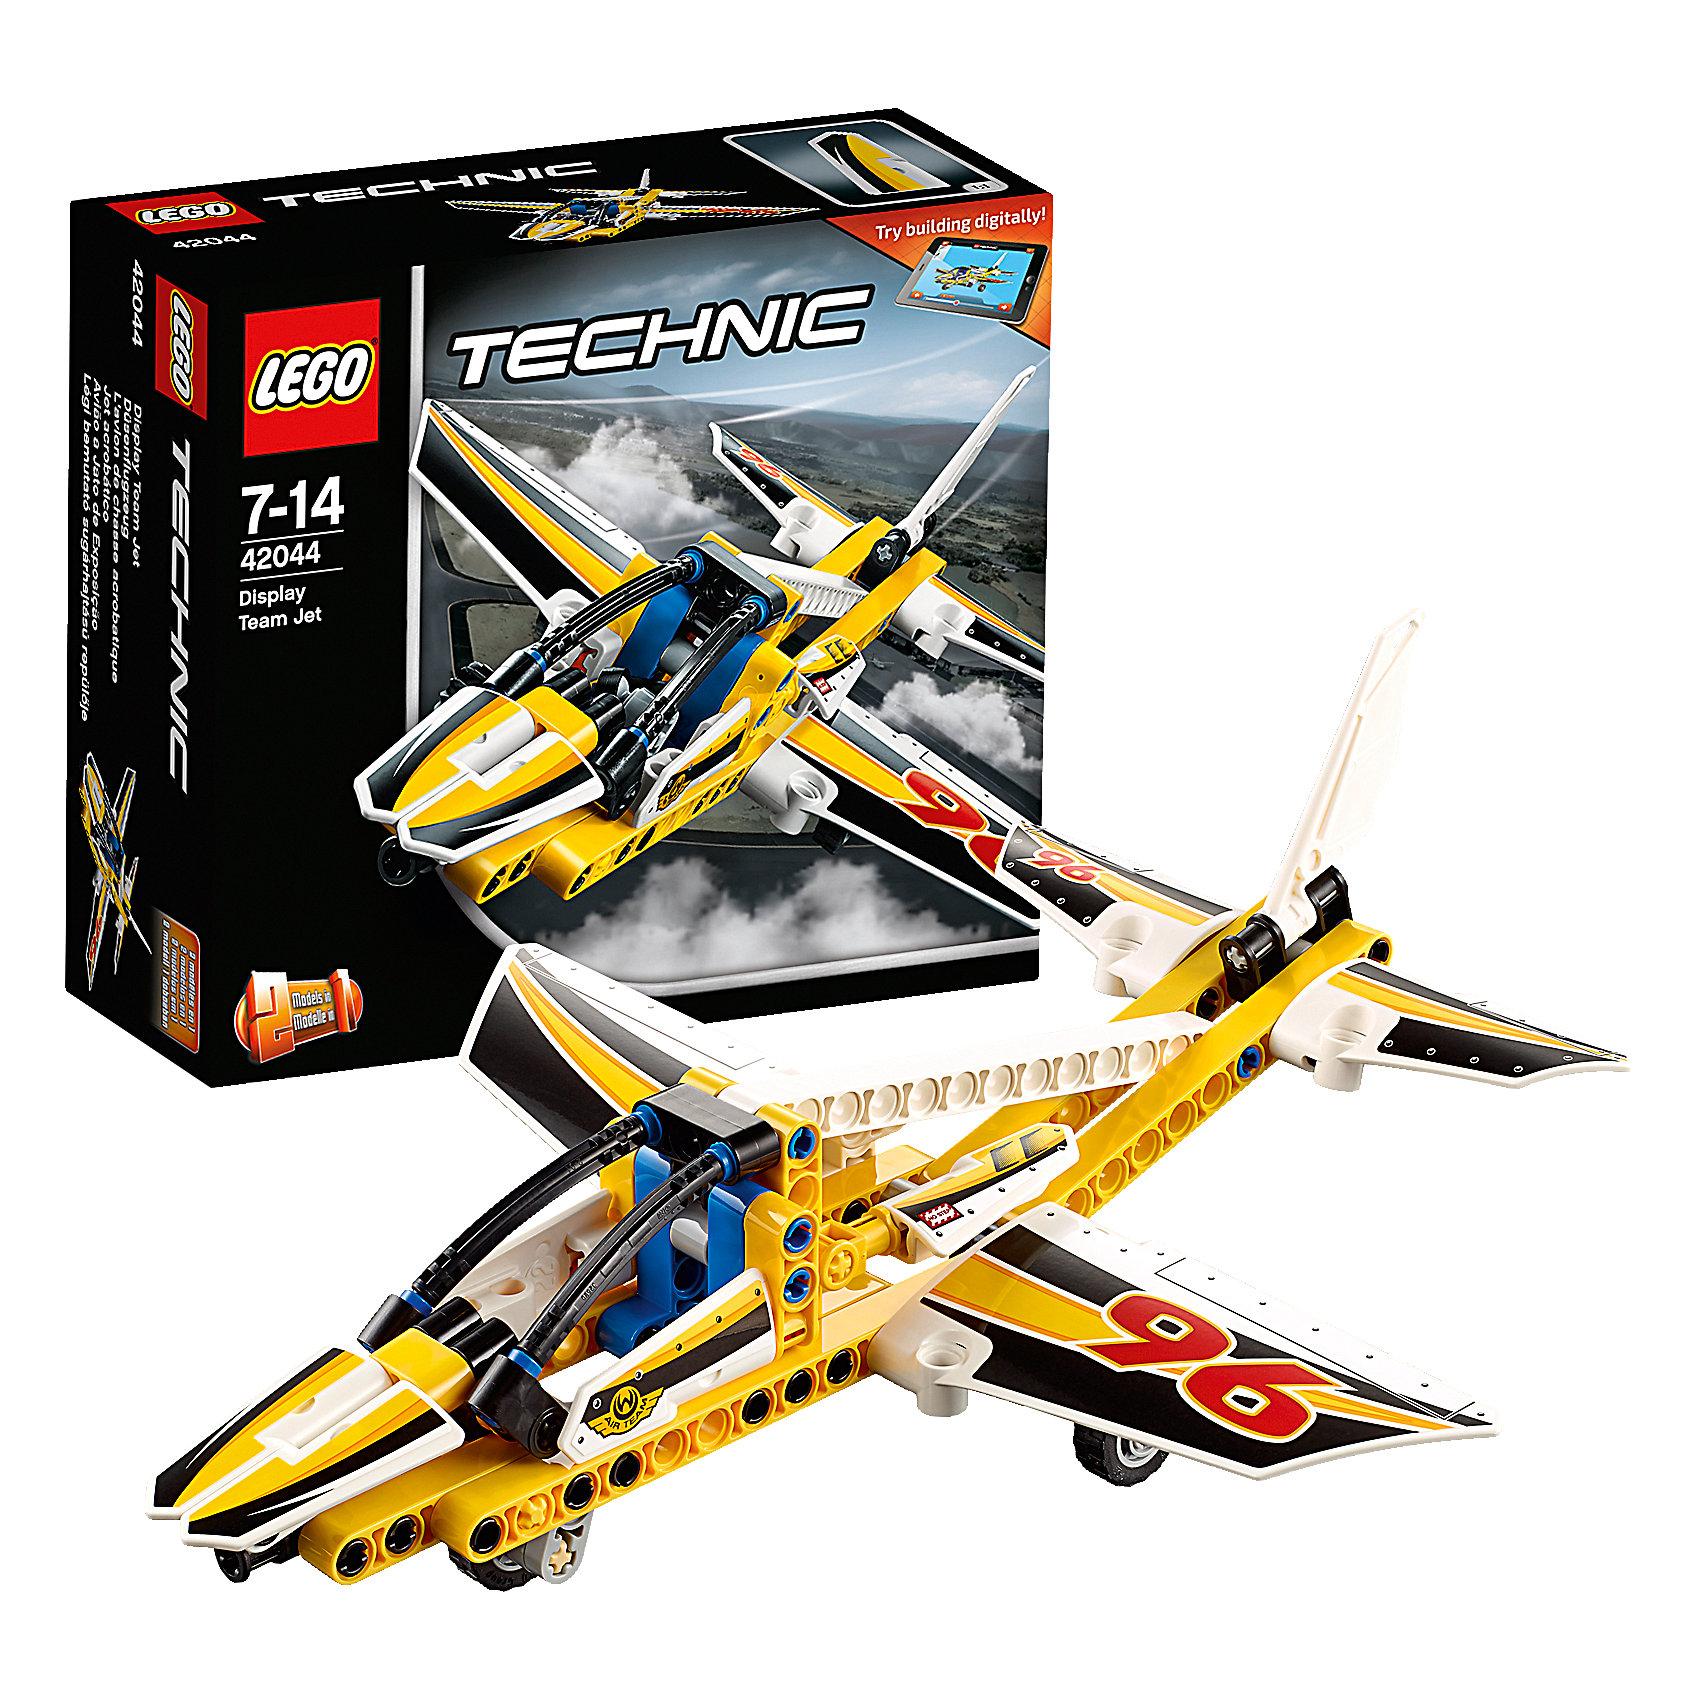 LEGO Technic 42044: Самолёт пилотажной группыПластмассовые конструкторы<br>Наслаждайся приключениями в воздухе с этим высокотехнологичным, аэродинамичным самолётом. Удивительная модель 2-в-1 имеет большую кабину, убирающиеся шасси, раскрашена в яркие цвета со спортивными черно-белыми гоночными наклейками-шашечками. Когда будешь готов к новой задаче, собери спортивный самолёт для высшего пилотажа. Доступно интерактивное интернет-приложение с цифровыми 3D-инструкциями по сборке LEGO для обеих моделей!<br><br>LEGO Technic  (Лего Техник) - серия конструкторов, позволяющая собрать функциональные, подробные, прекрасно детализированные, имеющие множество подвижных узлов, транспортные средства. В этой серии найдется техника на любой вкус: тракторы и экскаваторы, внедорожники и квадроциклы, самосвалы и гоночные автомобили. Даже самые простые из конструкторов lego technic дают вашему ребенку представление о том, как устроены машины, помогают развить моторику, мышление и умение работать по инструкции. <br><br>Дополнительная информация:<br><br>- Конструкторы ЛЕГО развивают усидчивость, внимание, фантазию и мелкую моторику. <br>- Комплектация: самолет.<br>- Количество деталей: 113.<br>- Серия LEGO Technic  (Лего Техник).<br>- Материал: пластик.<br>- Размер упаковки: 16х6х14 см.<br>- Вес: 0.195 кг.<br><br>LEGO Technic 42044: Самолёт пилотажной группы можно купить в нашем магазине.<br><br>Ширина мм: 159<br>Глубина мм: 141<br>Высота мм: 64<br>Вес г: 188<br>Возраст от месяцев: 84<br>Возраст до месяцев: 168<br>Пол: Мужской<br>Возраст: Детский<br>SKU: 4259017